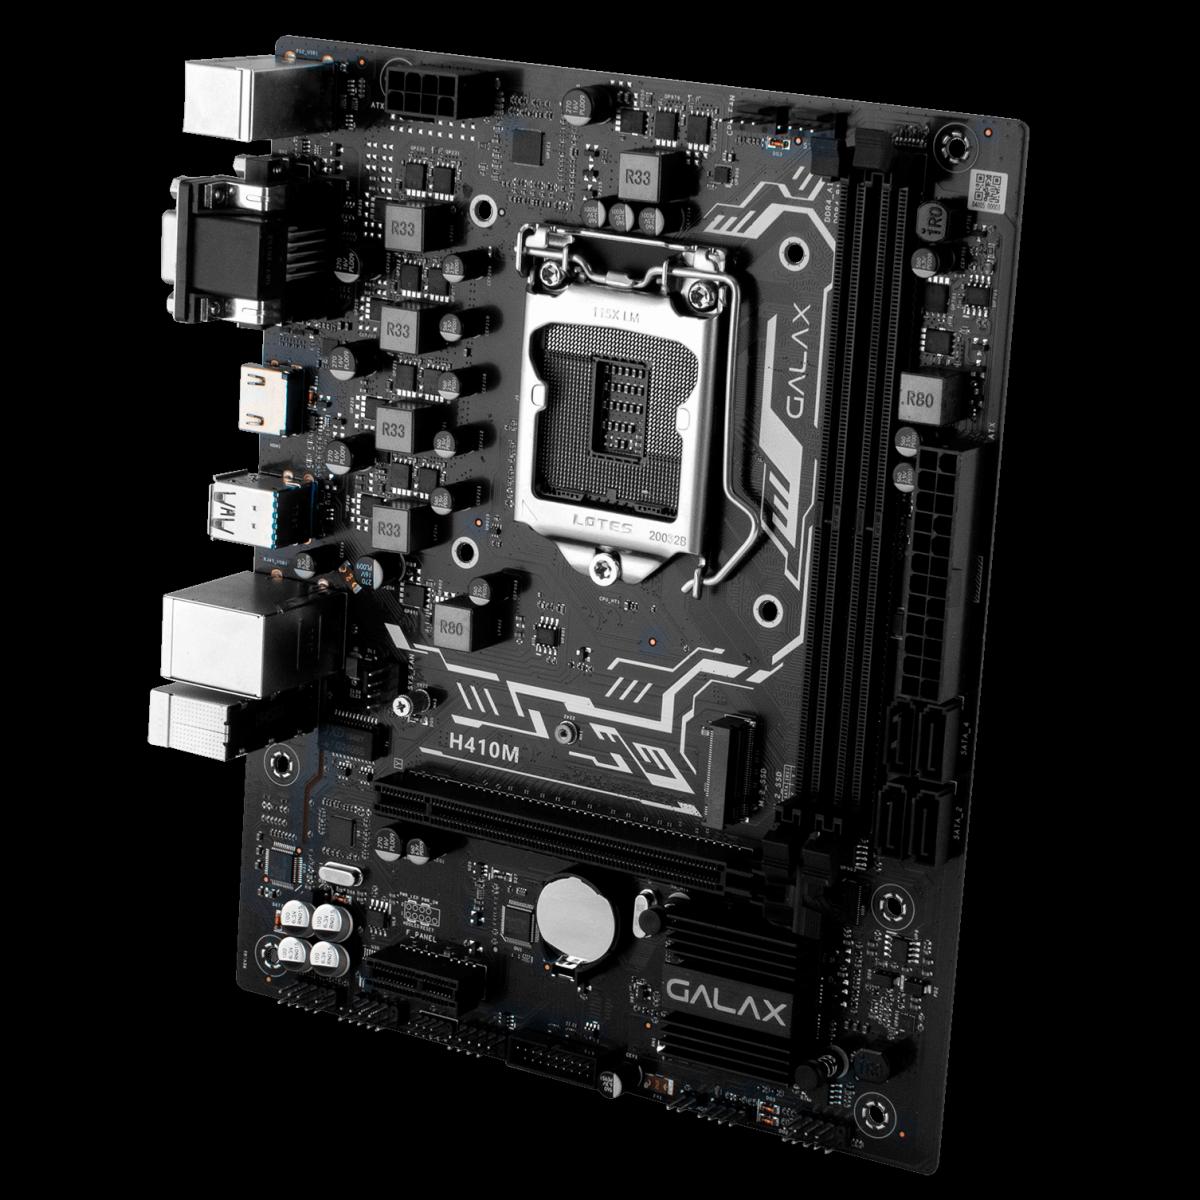 Placa Mãe GALAX H410M, Chipset H410, Intel LGA 1200, mATX, IH410MAGCHY1CW